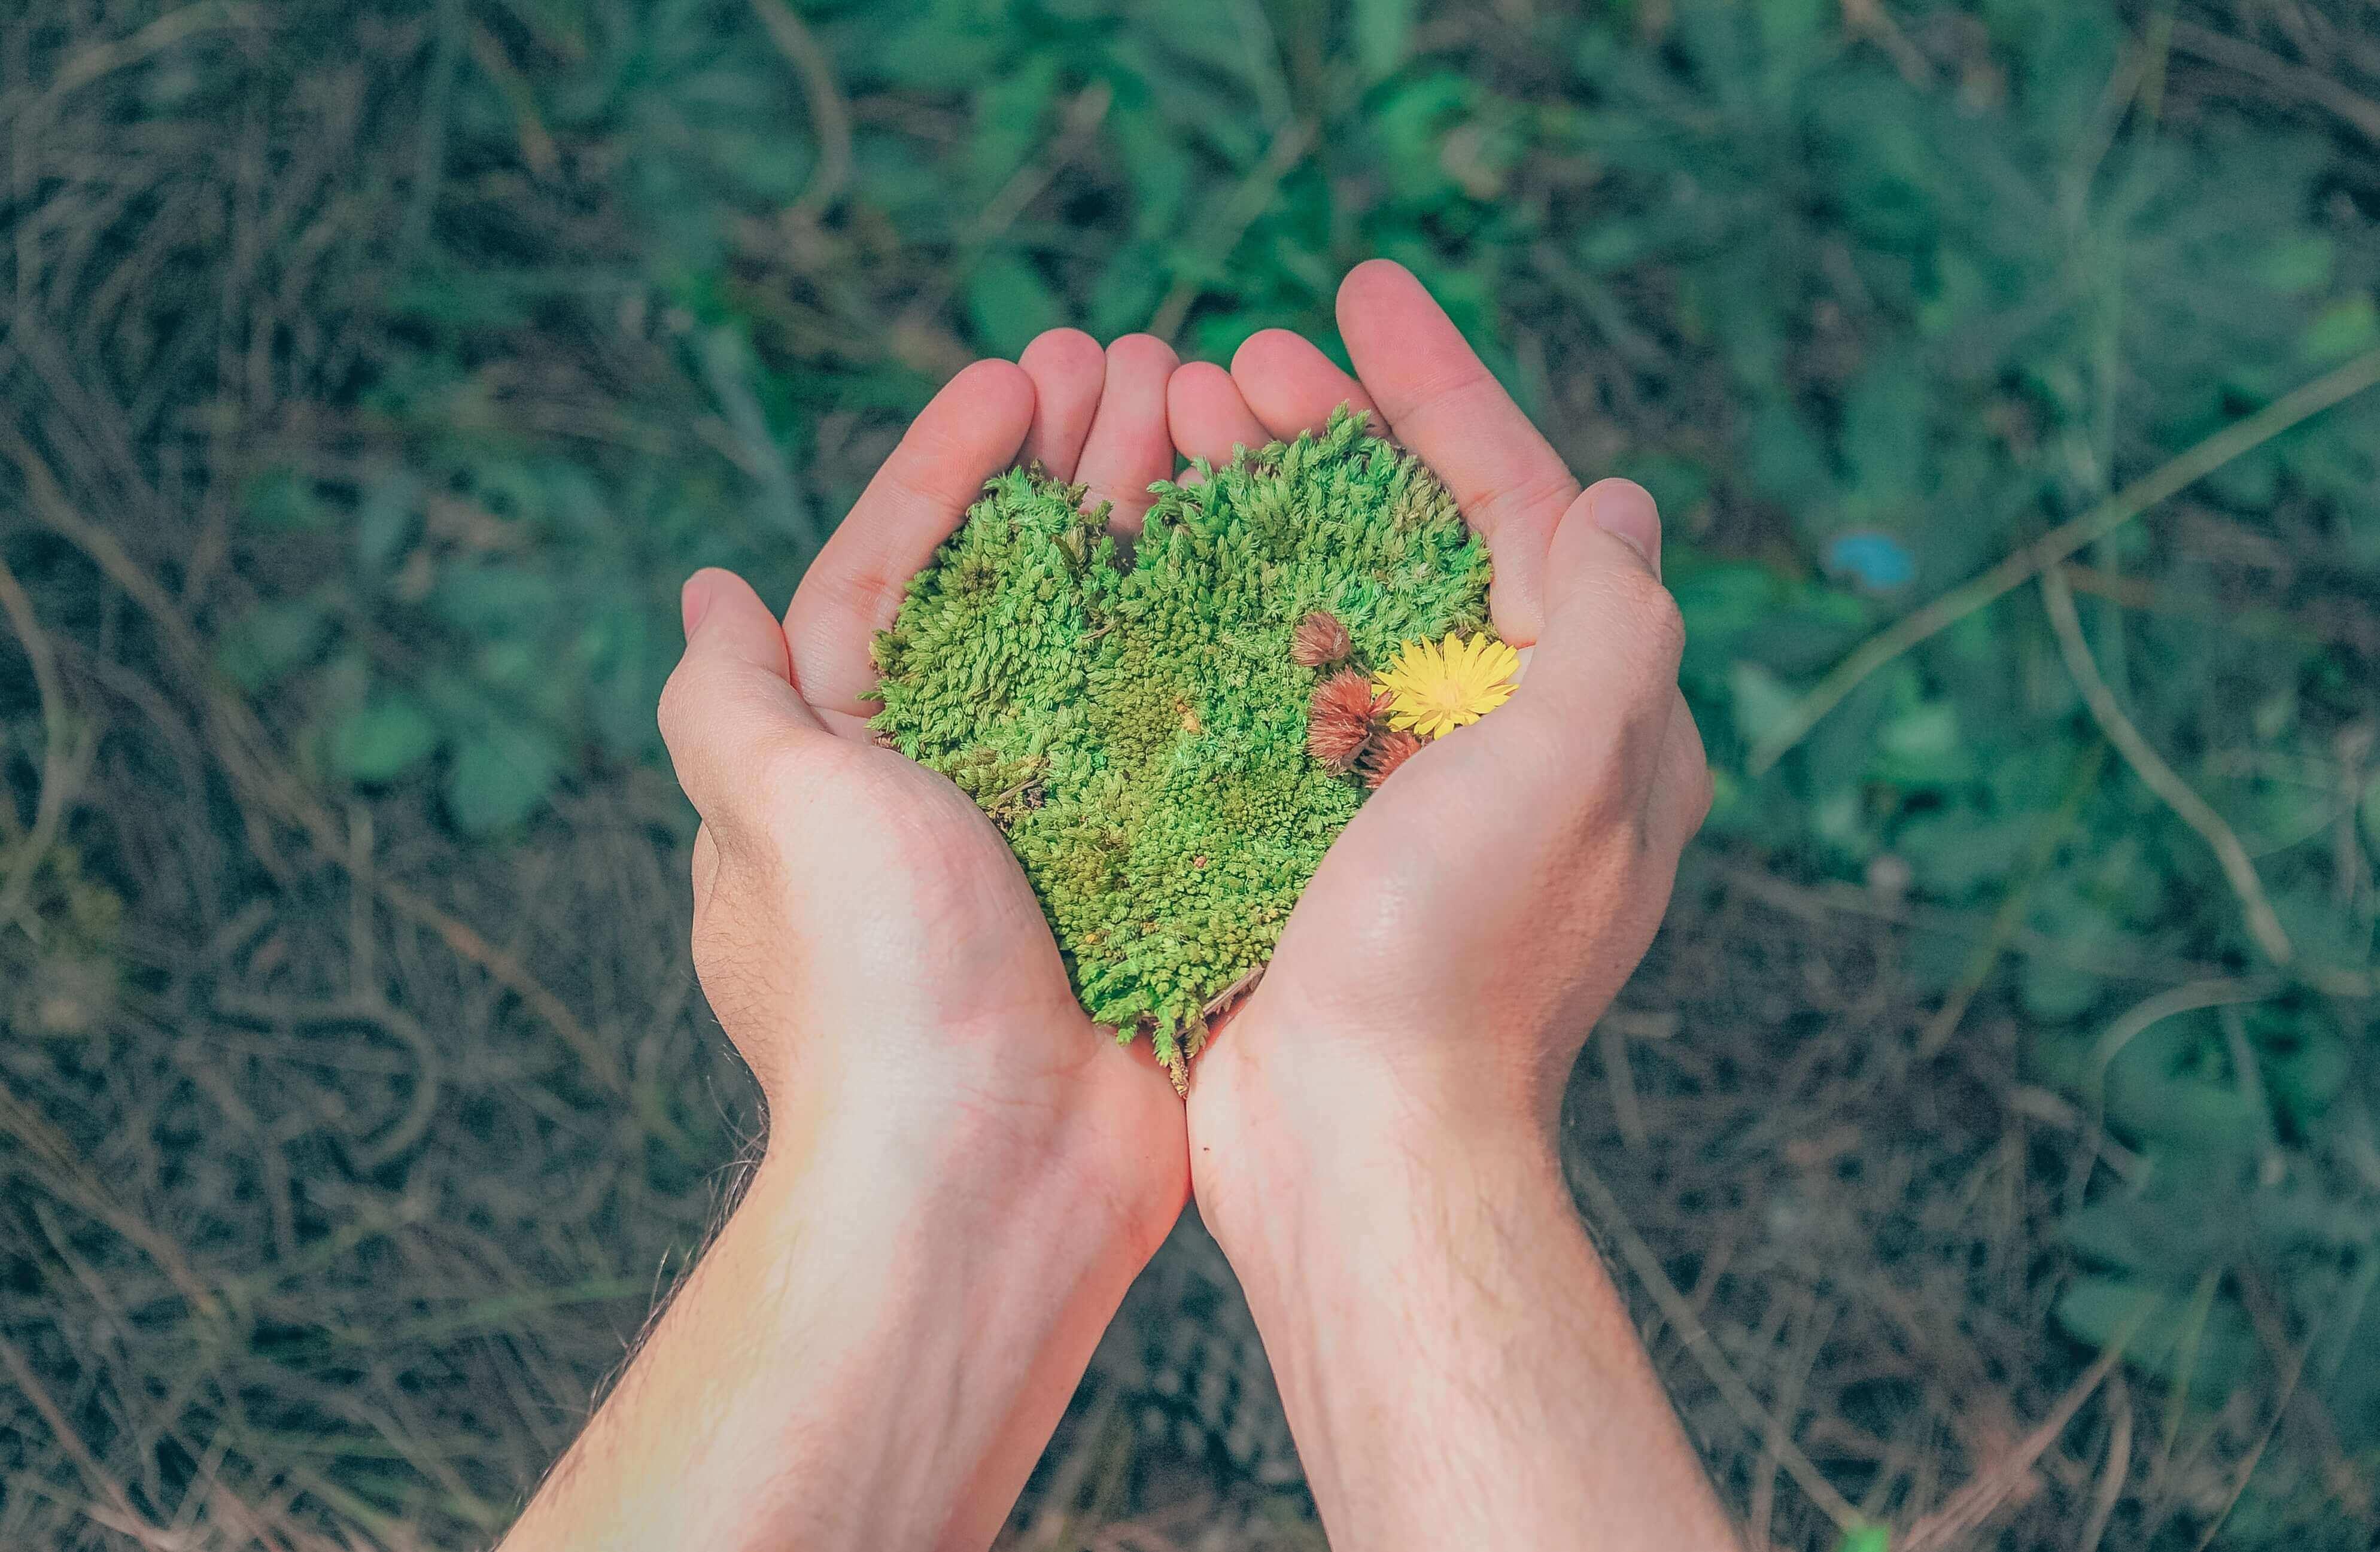 Practicar la ecología para cuidar del medioambiente